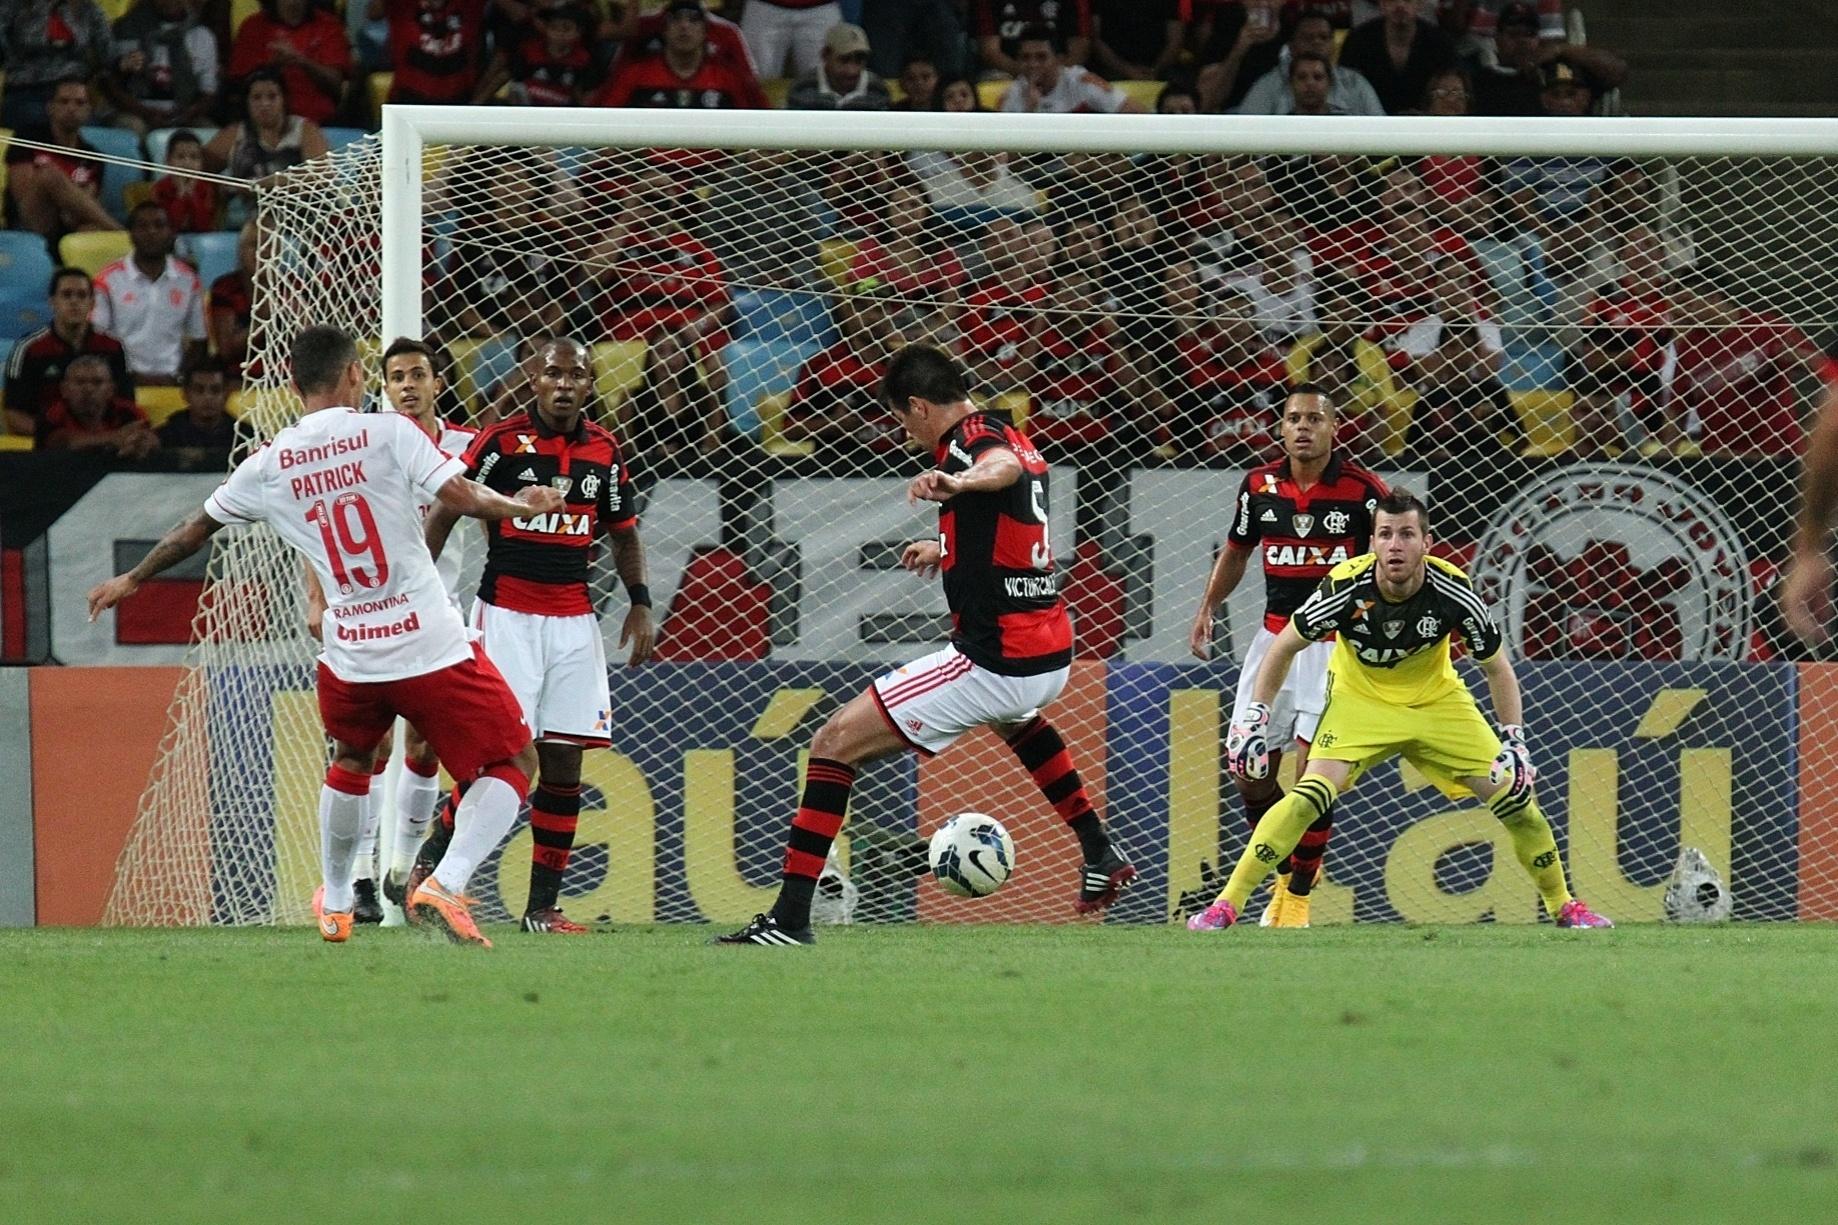 Zaga do Flamengo afasta o perigo na partida contra o Inter pelo Brasileirão